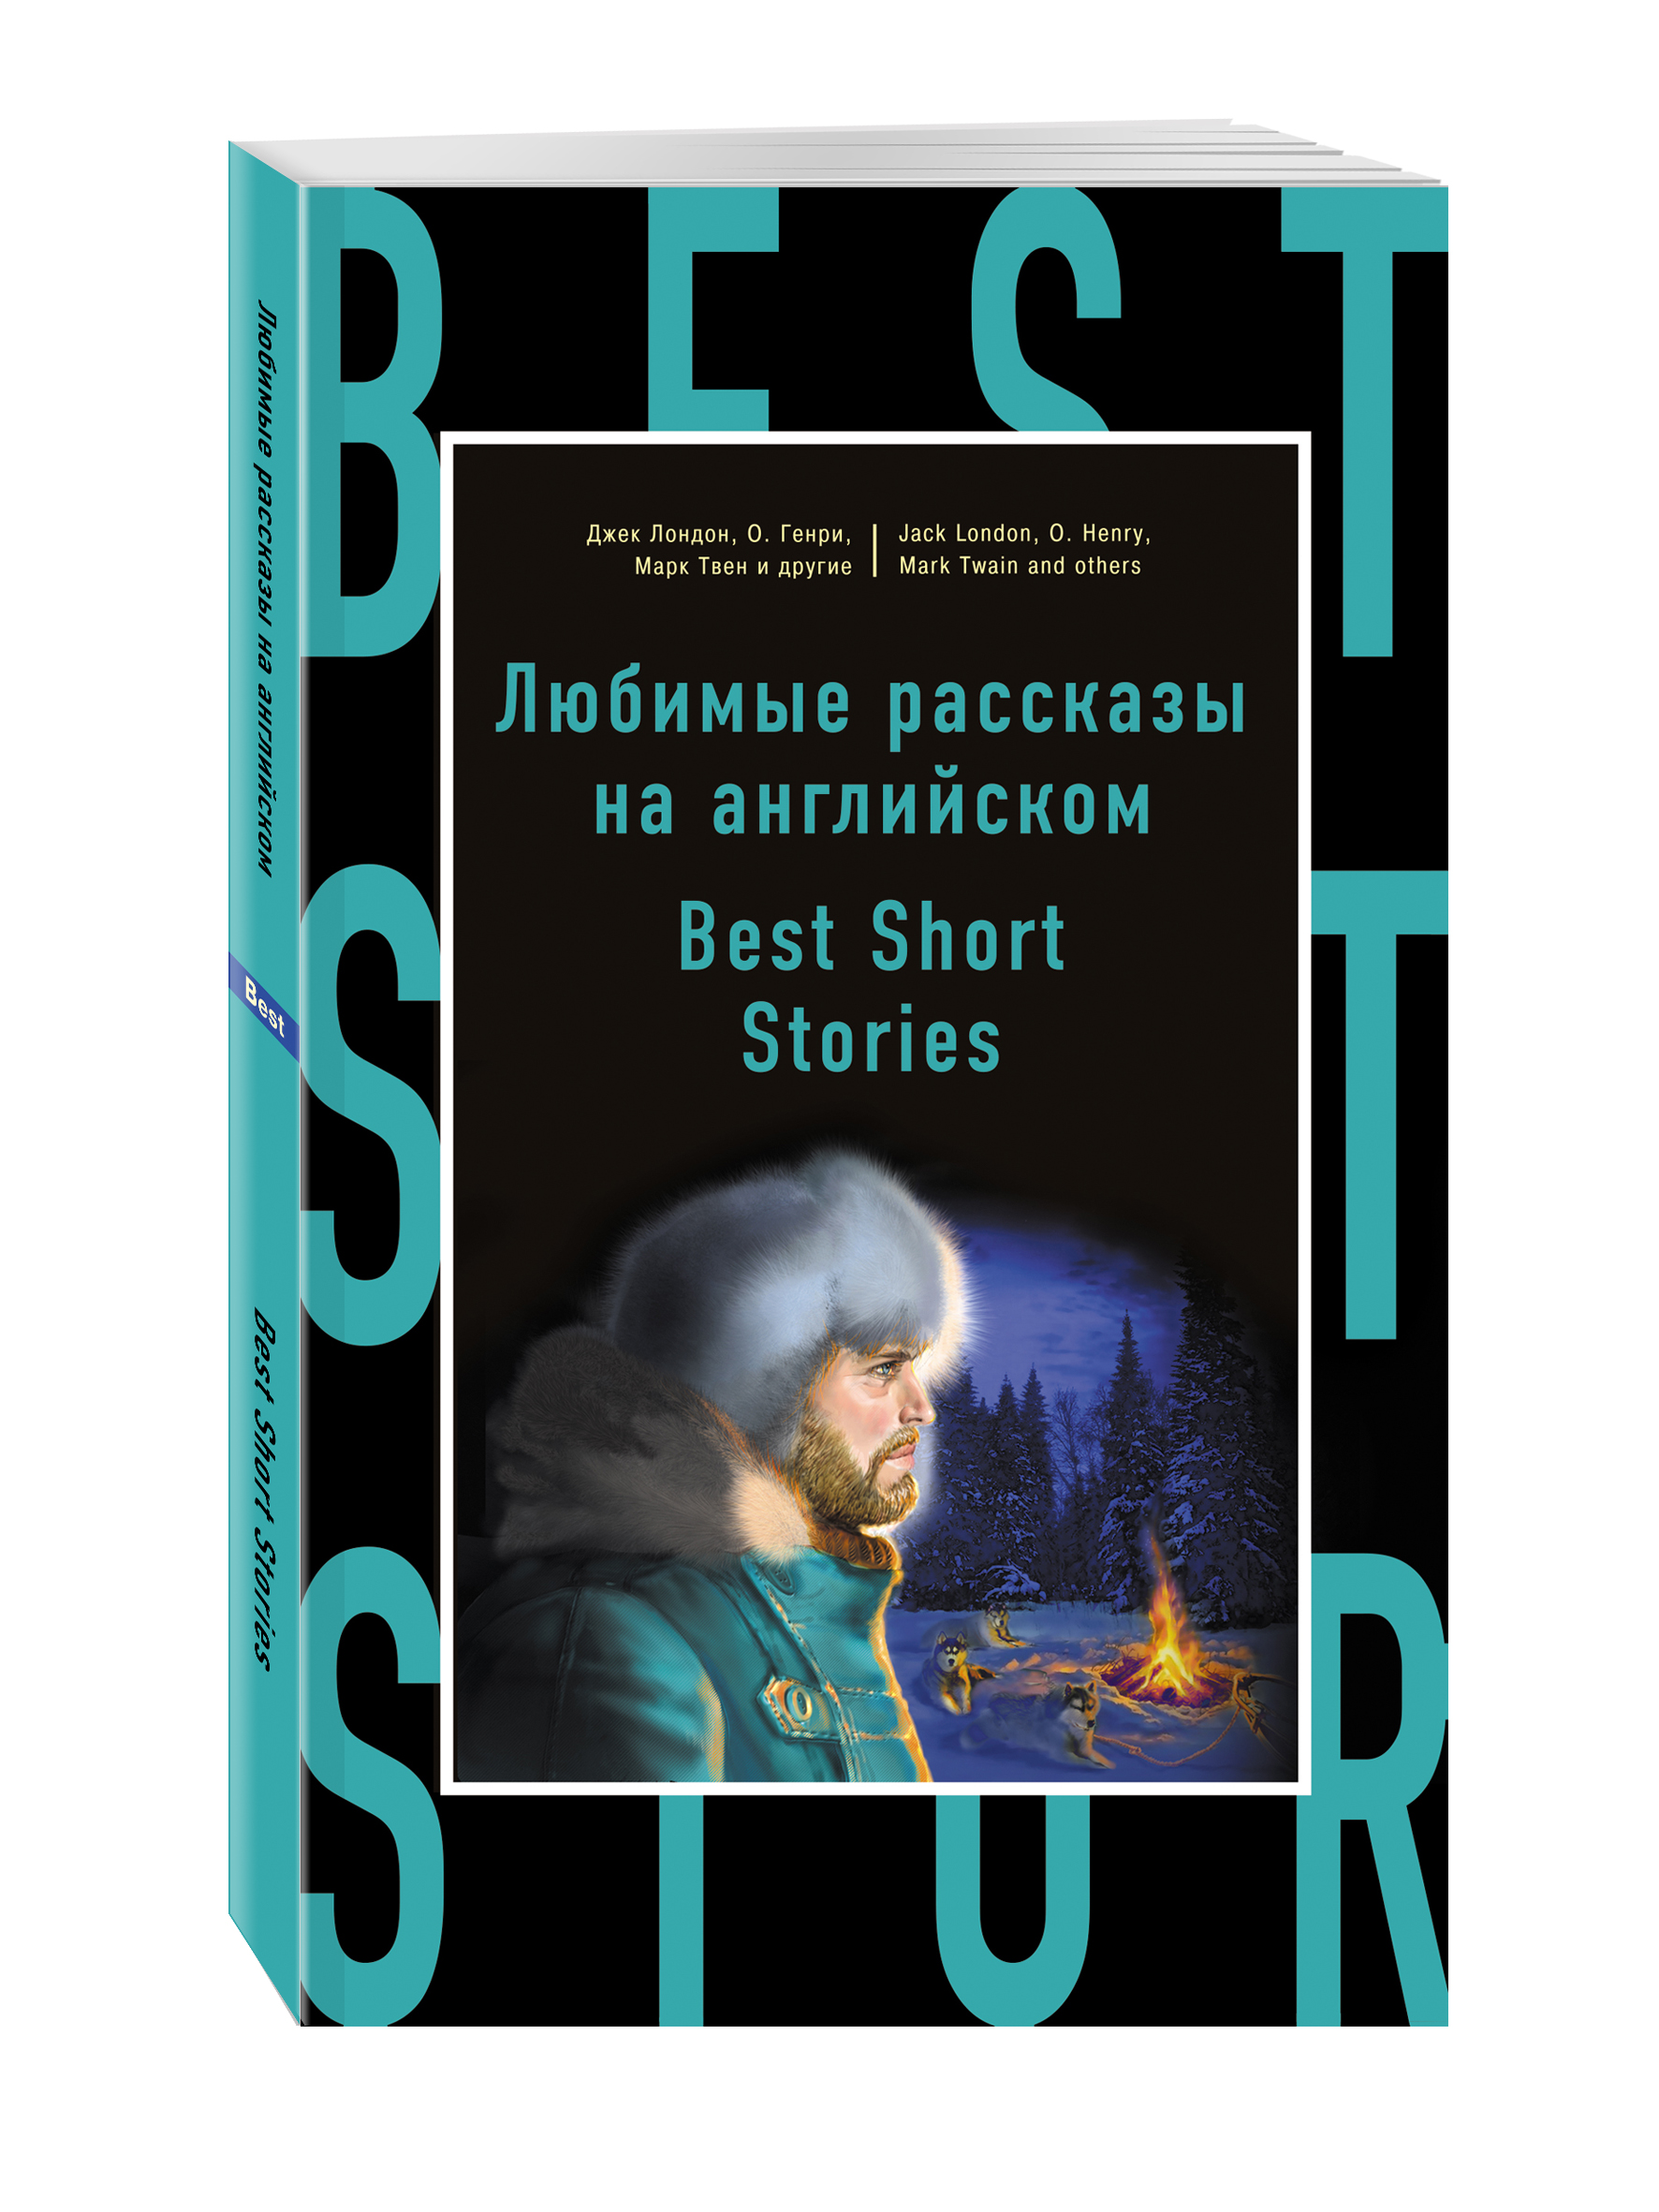 Любимые рассказы на английском = Best Short Stories ( Бирс А., Конрад Д., Гарт Б.Ф.  )